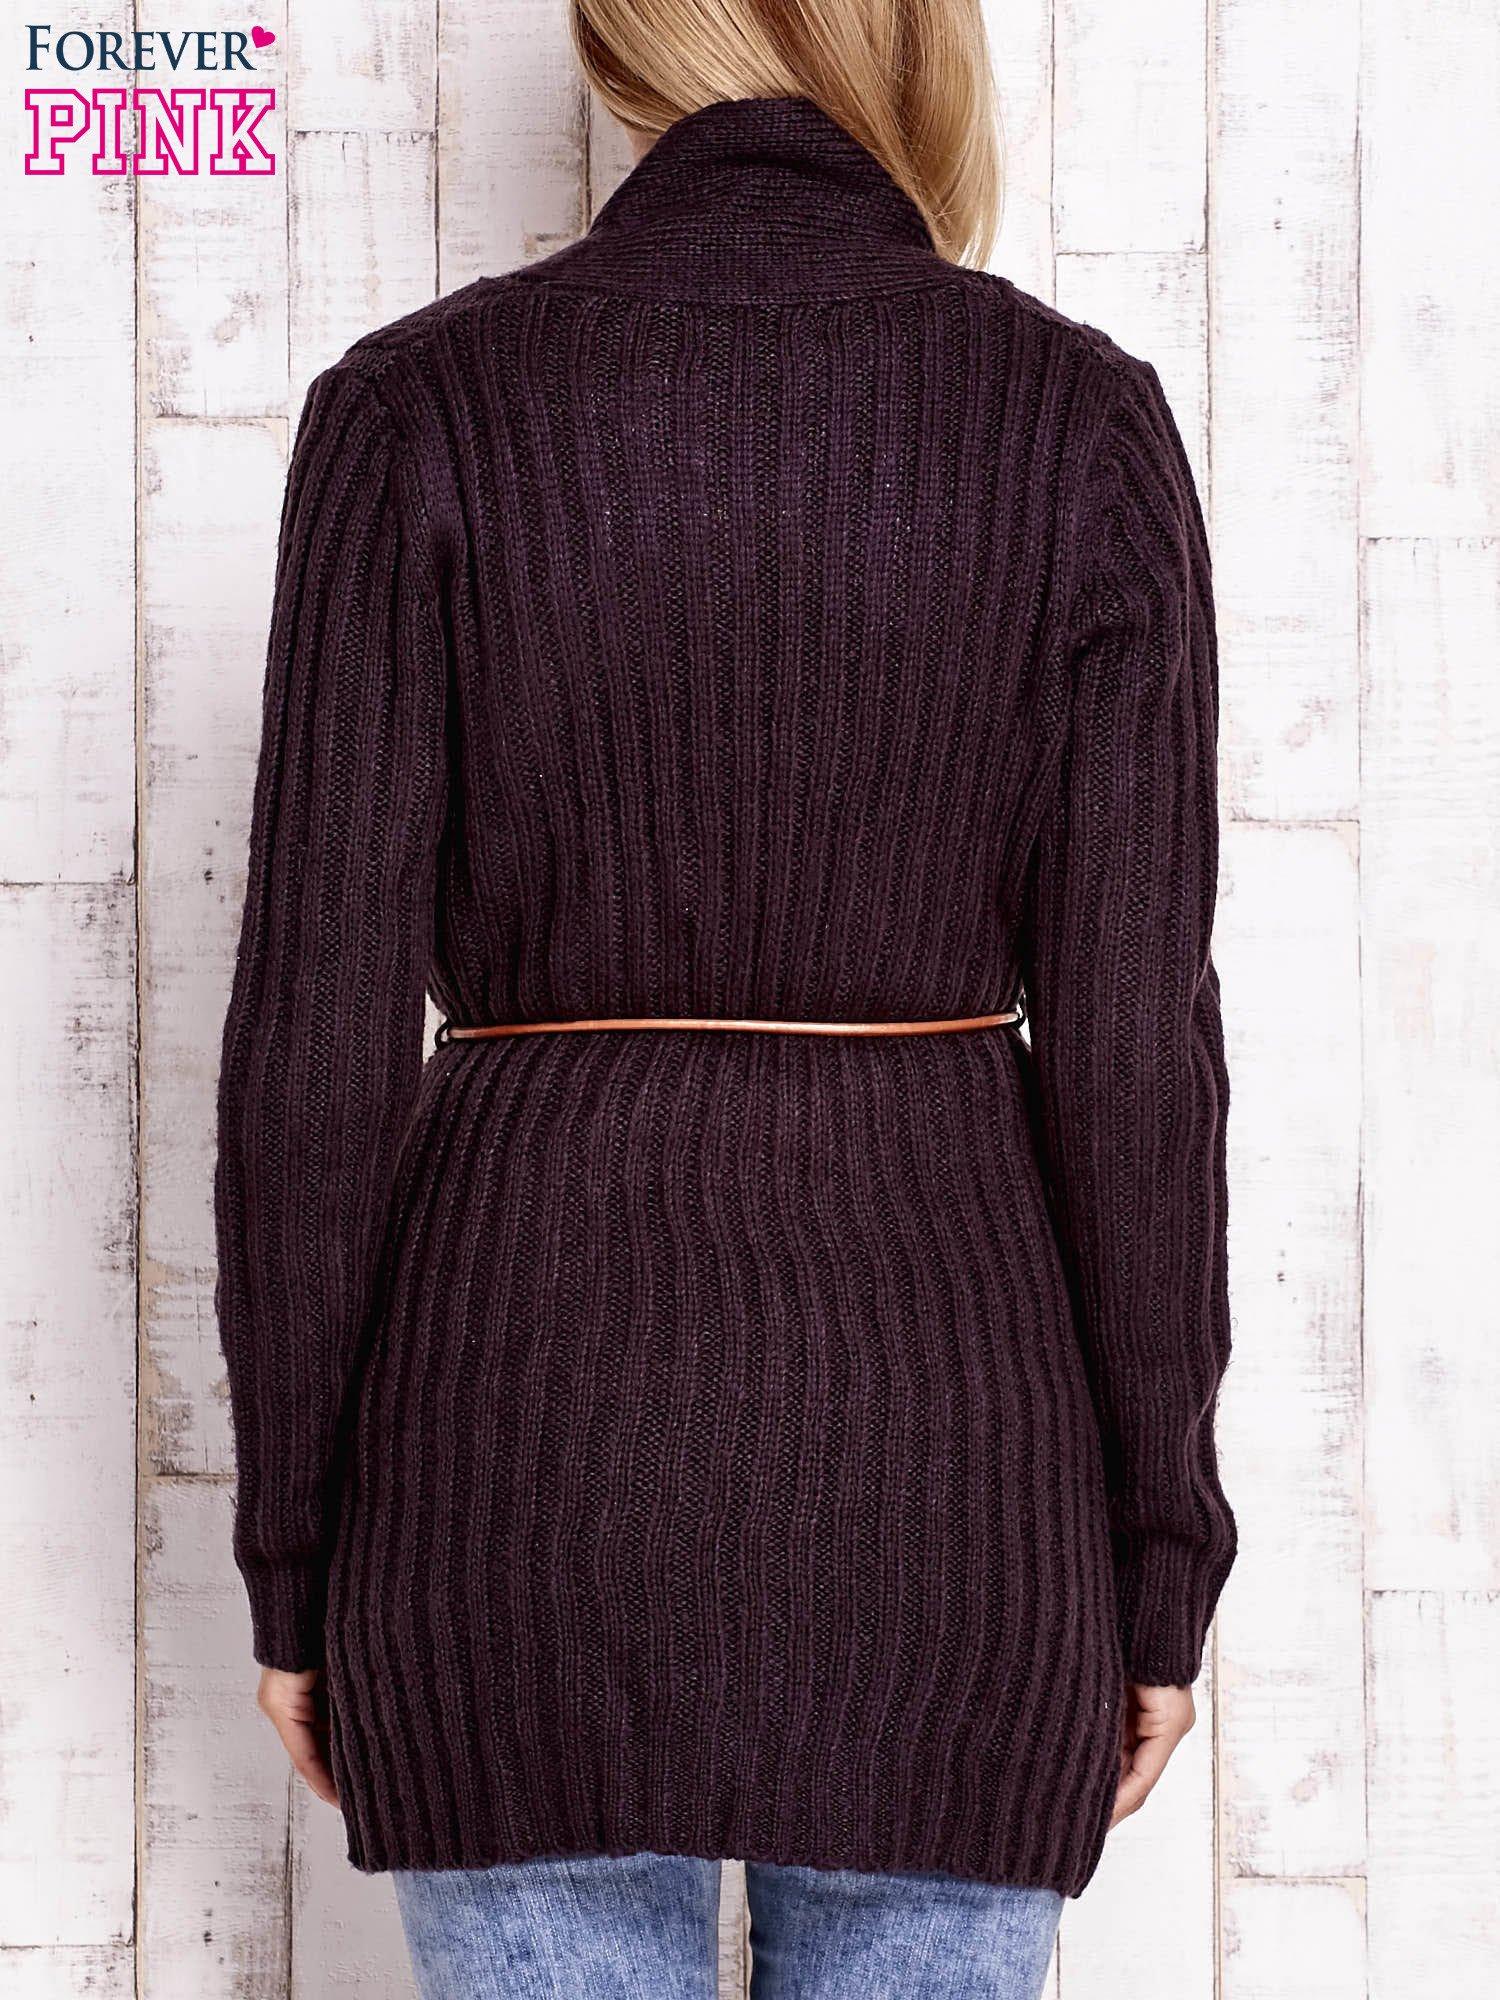 Ciemnofioletowy dzianinowy sweter z wiązaniem                                  zdj.                                  4